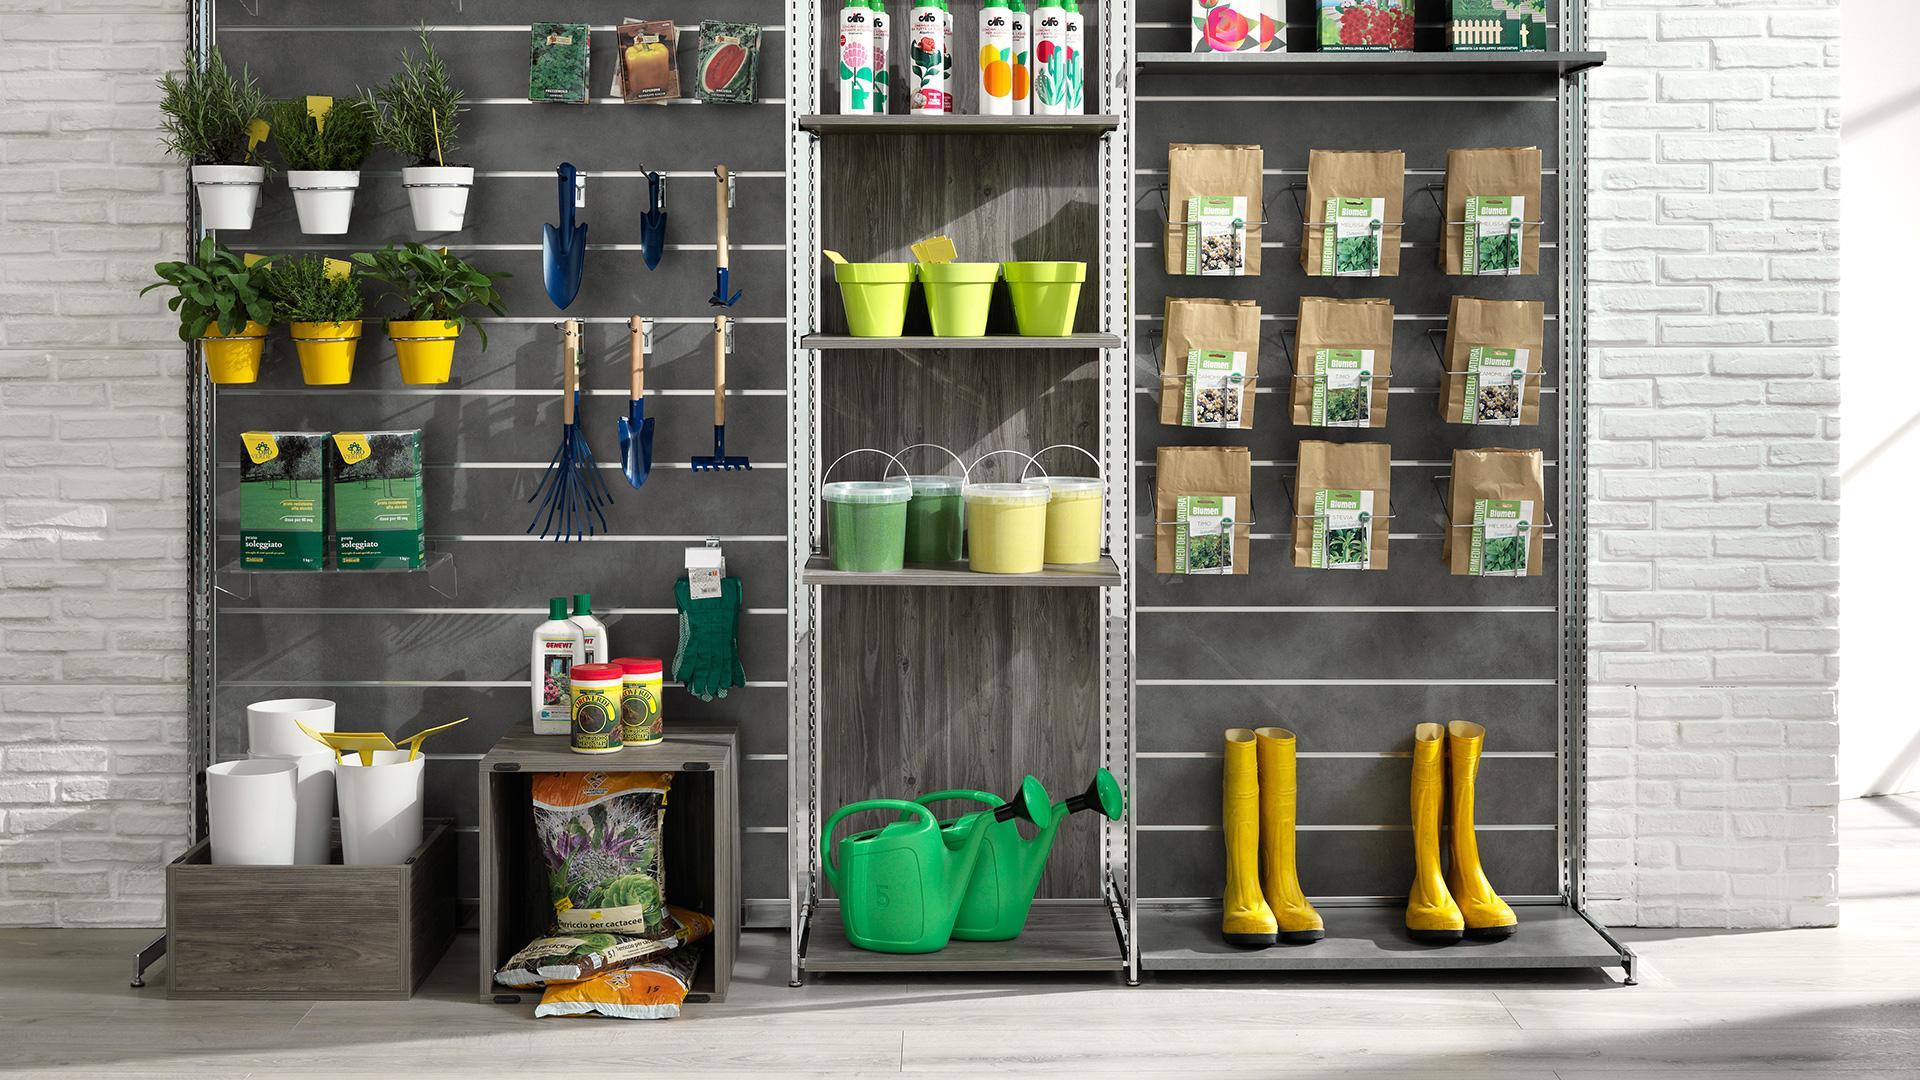 meilleur de magasin de jardinage id es de salon de jardin. Black Bedroom Furniture Sets. Home Design Ideas